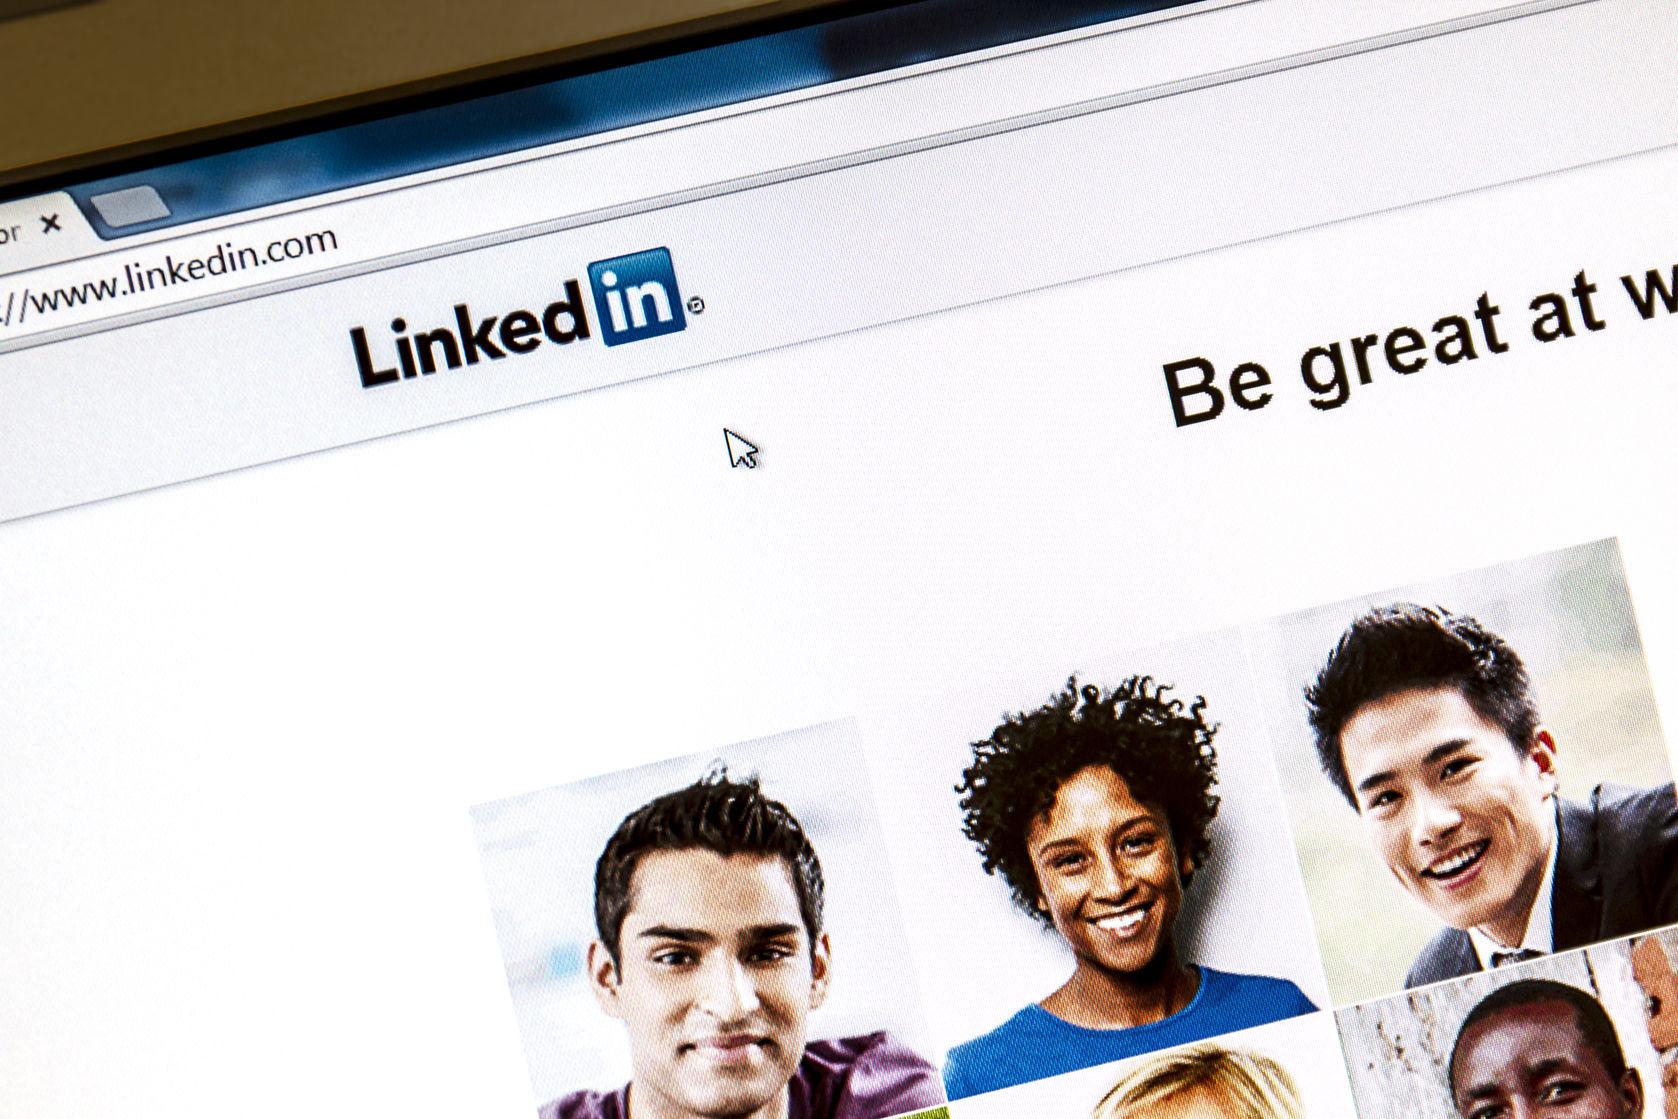 ¡Generá más ventas en LinkedIn creando grandes conexiones!